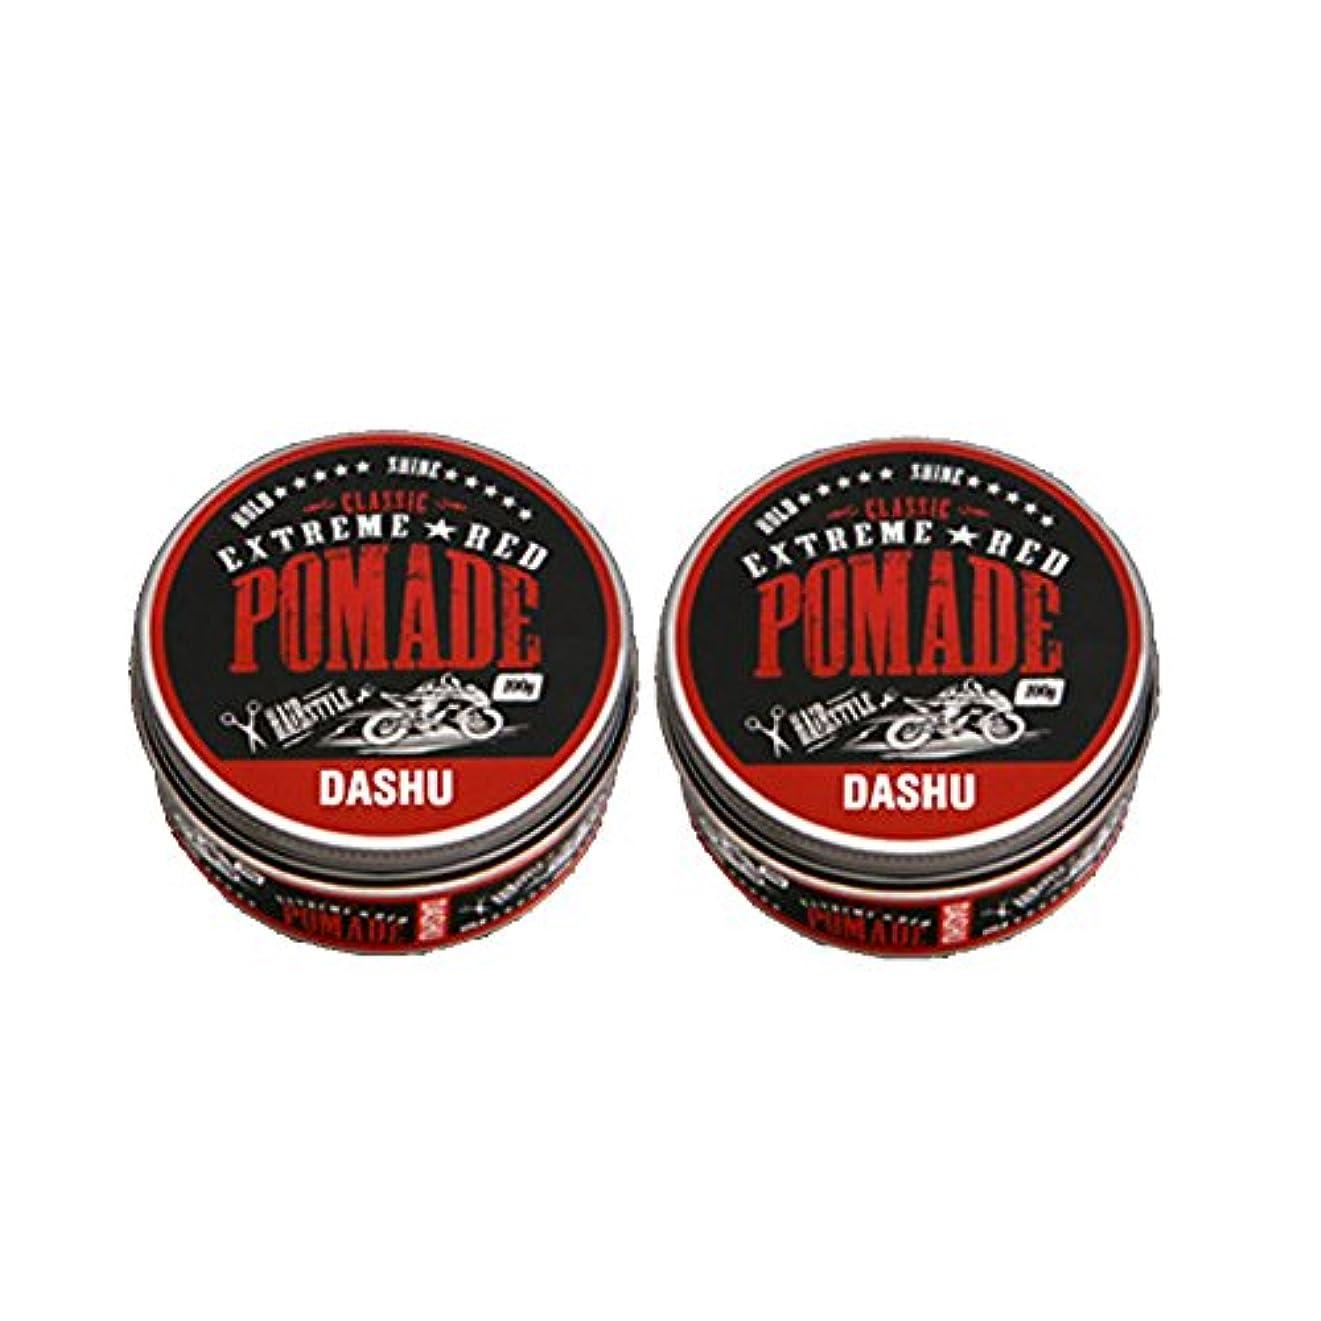 不一致厚い田舎(2個セット) x [DASHU] ダシュ クラシックエクストリームレッドポマード Classic Extreme Red Pomade Hair Wax 100ml / 韓国製 . 韓国直送品